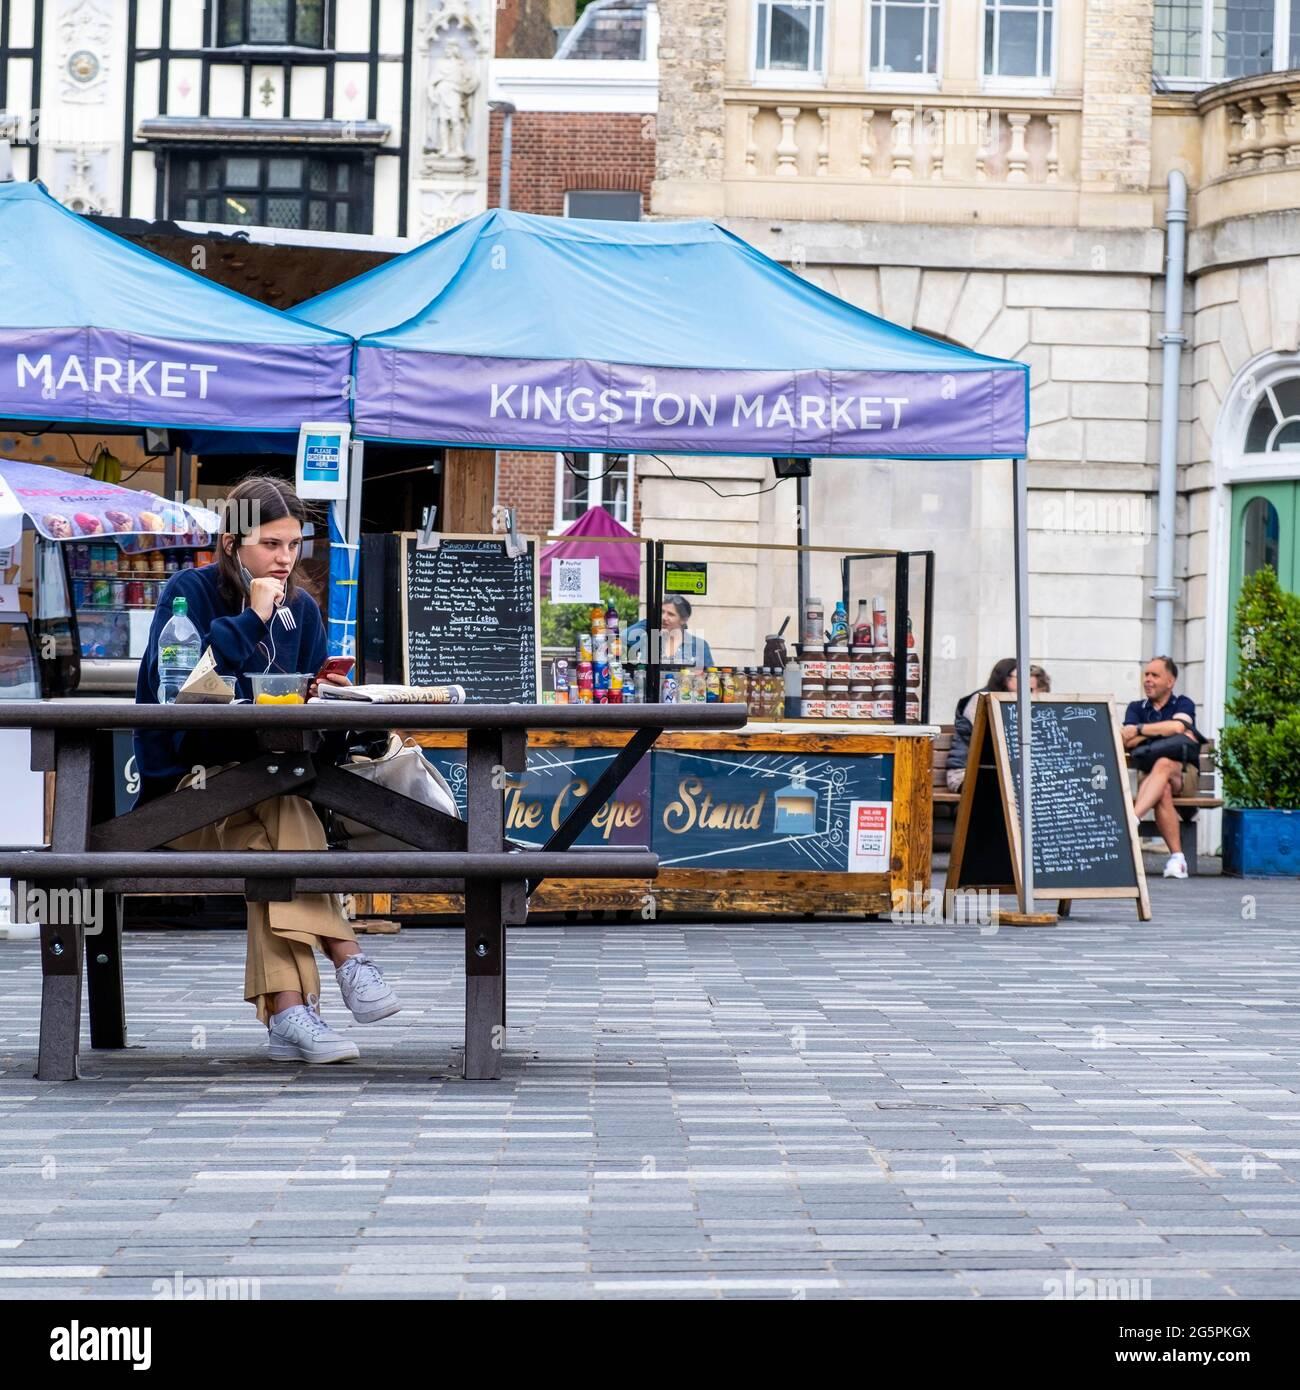 Kingston Londres UK, juin 29 2021, jeune femme assise seule à l'extérieur sur un banc en bois manger UN repas ou un déjeuner à emporter Banque D'Images